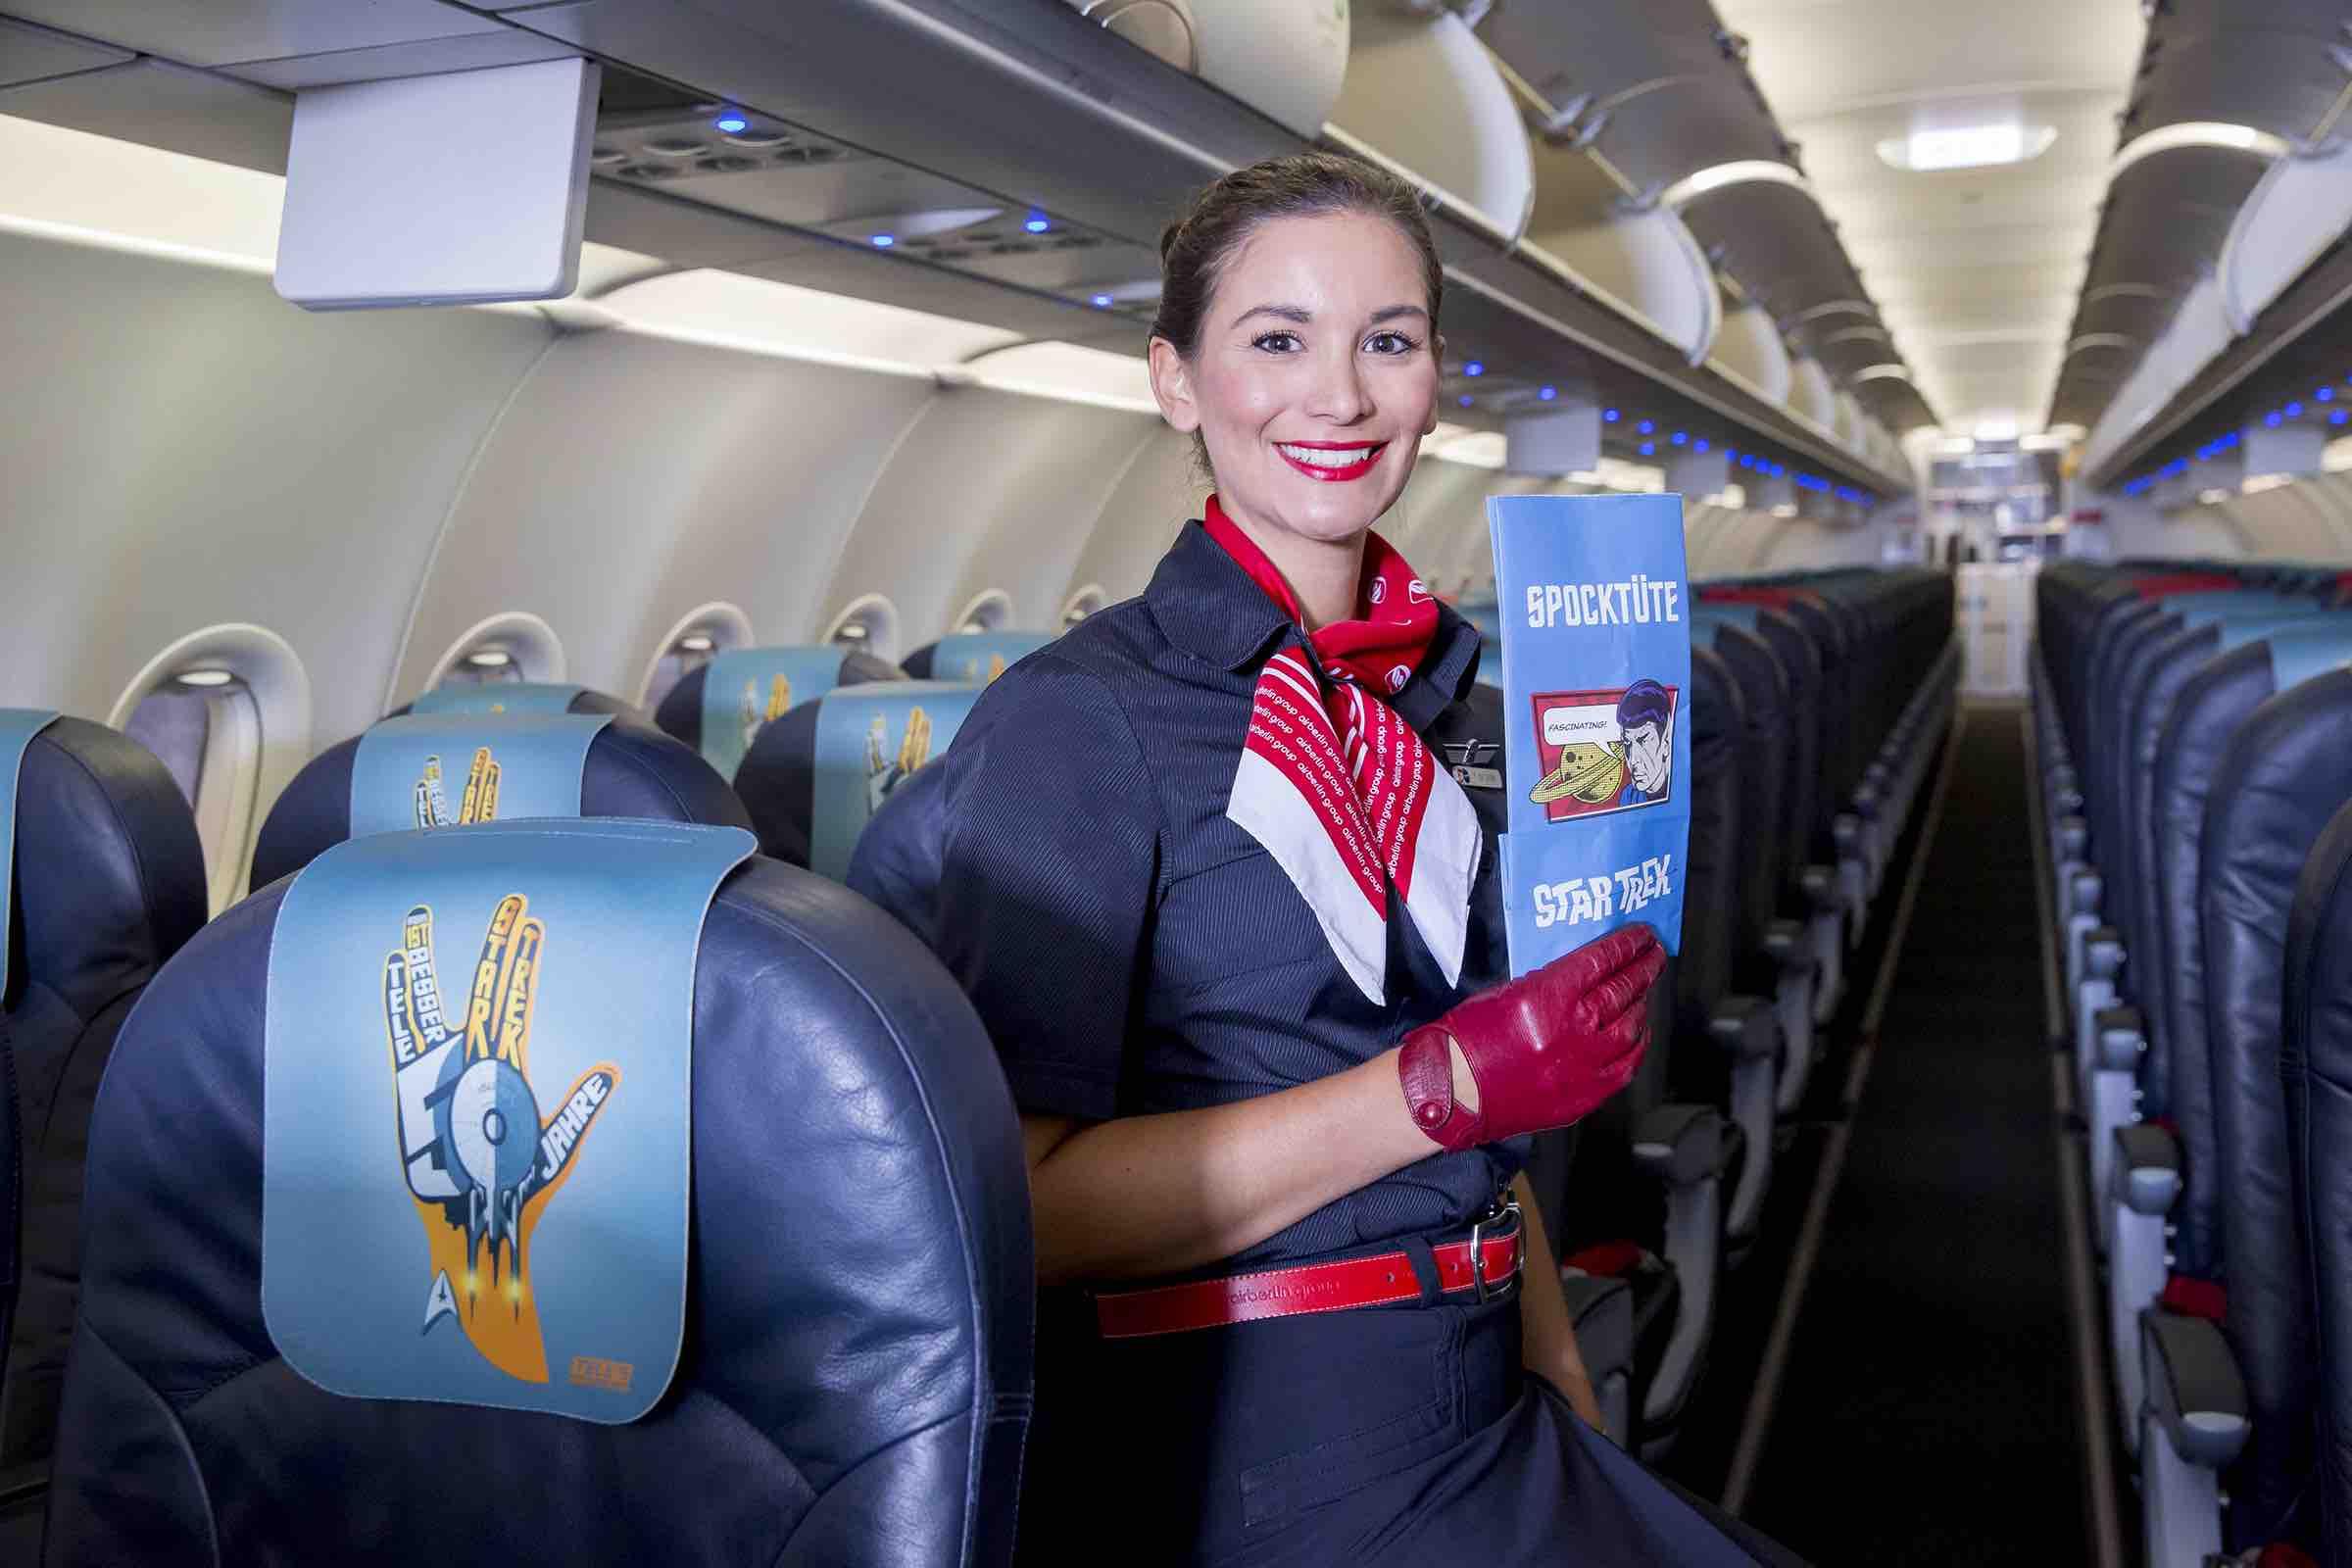 """De 100.000 """"Spock Bags"""" som kun findes på dette fly bliver helt sikkert et stort samlerobjekt. Foto: AirBerlin"""